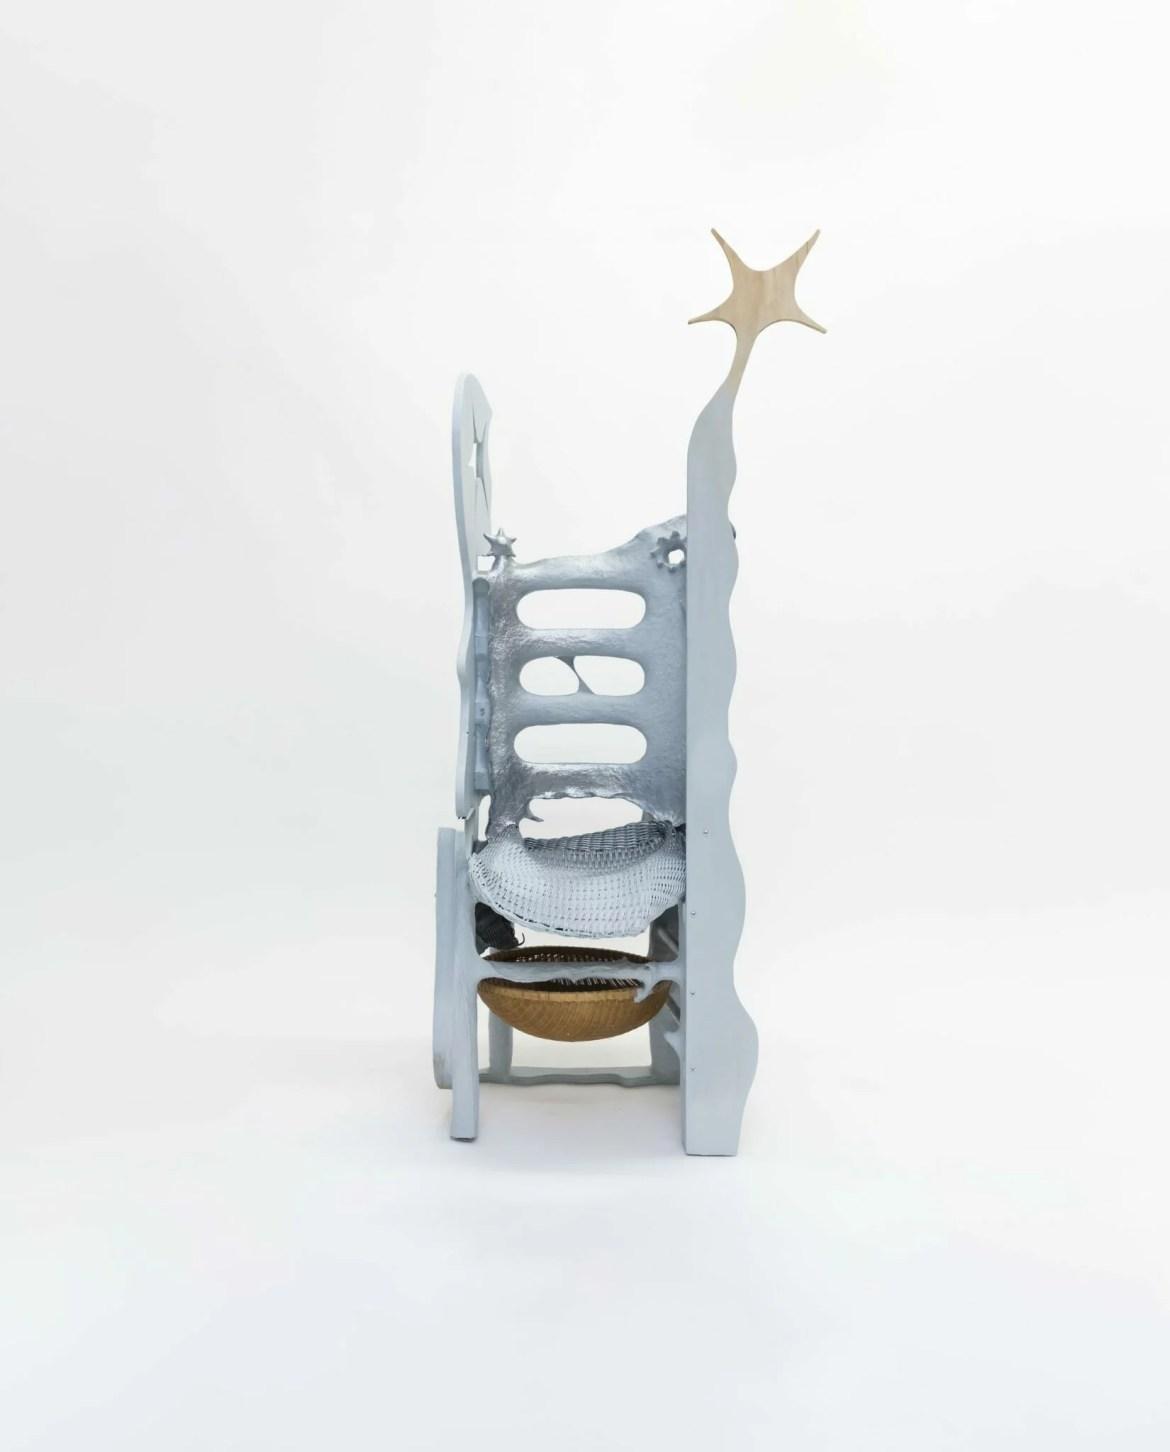 Thomas Barger, Salon 94 Design